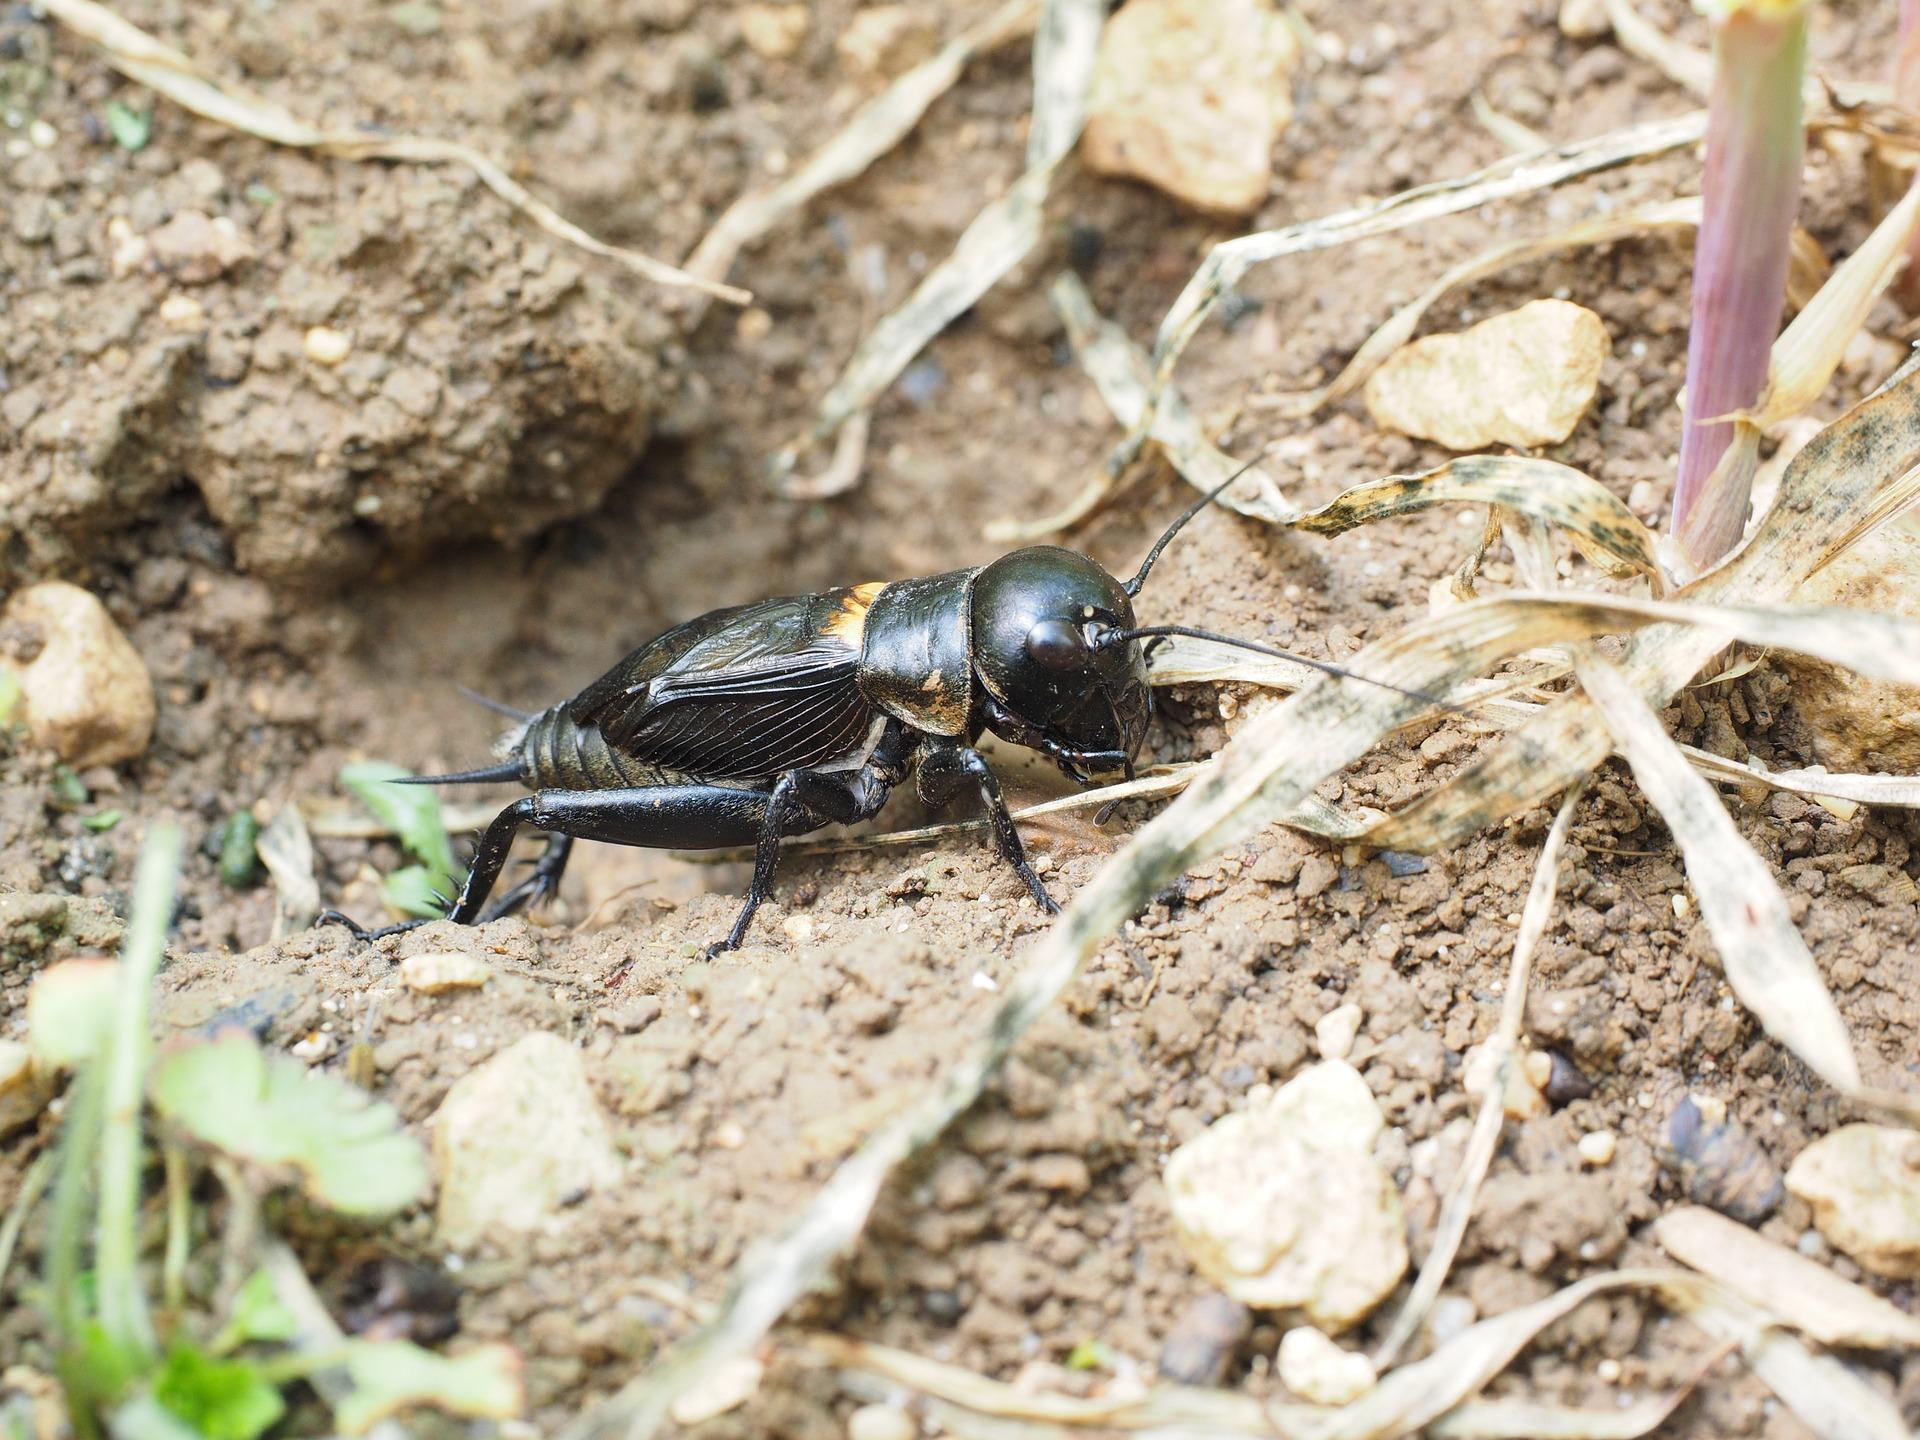 Świerszcz domowy, dlaczego świerszcze cykają, jak świerszcz gra, grają, budowa świerszcza, prostoskrzydłe, blog o dzikich zwierzętach, animalistka.pl